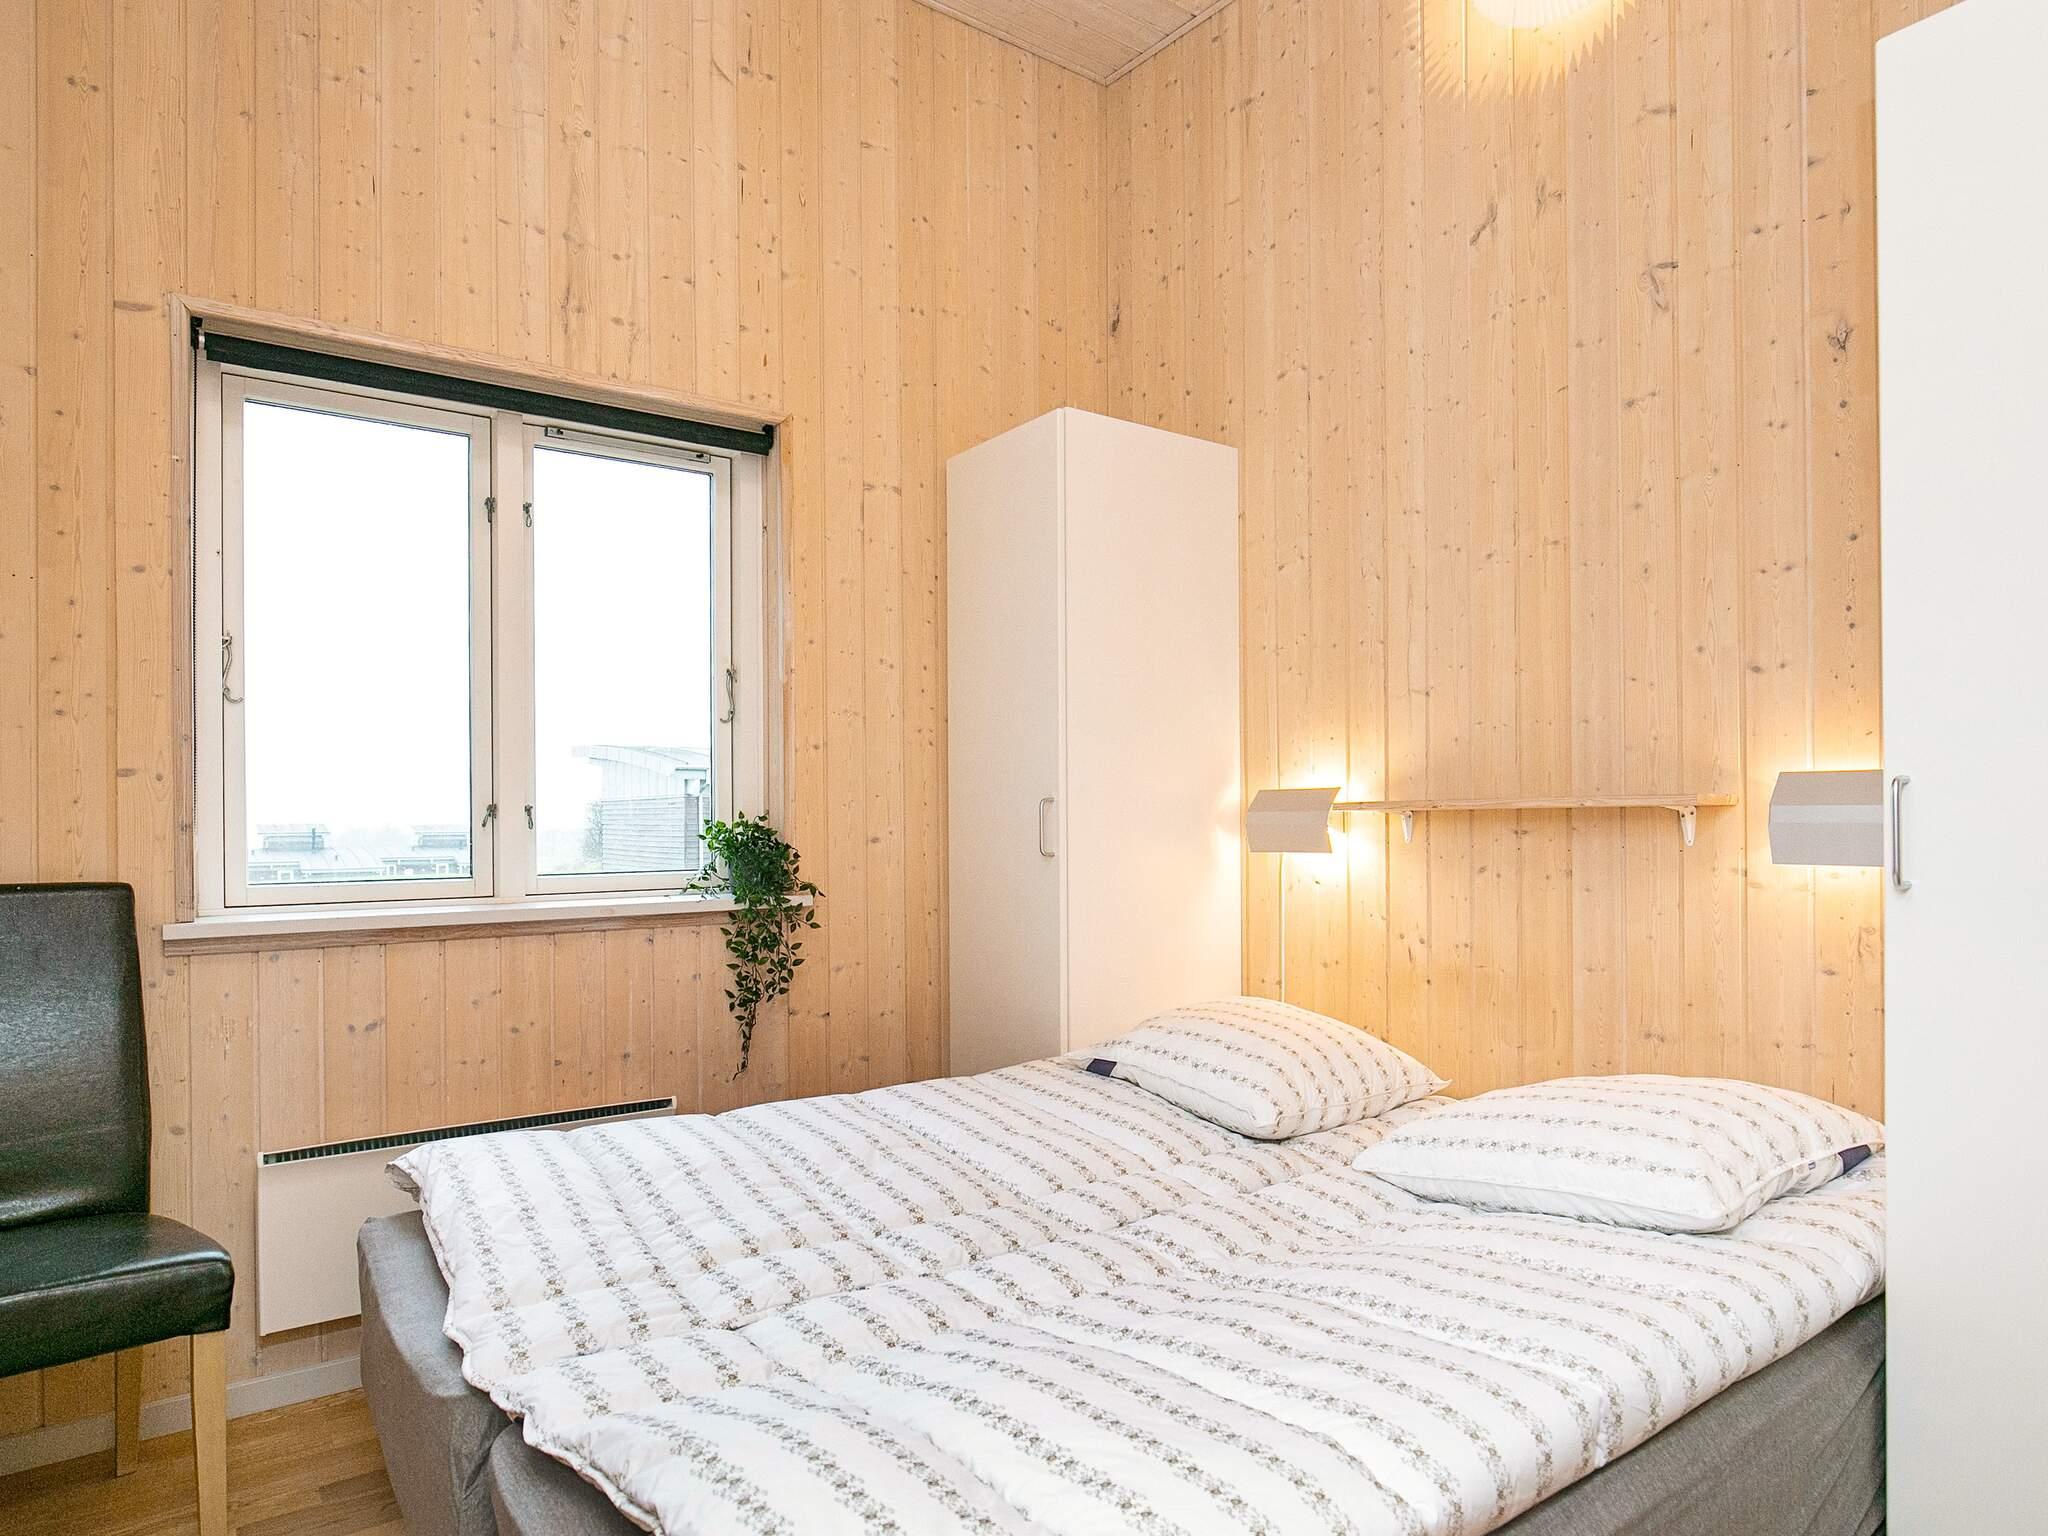 Ferienhaus Nab (2563317), Nabbe, , Fünen, Dänemark, Bild 14